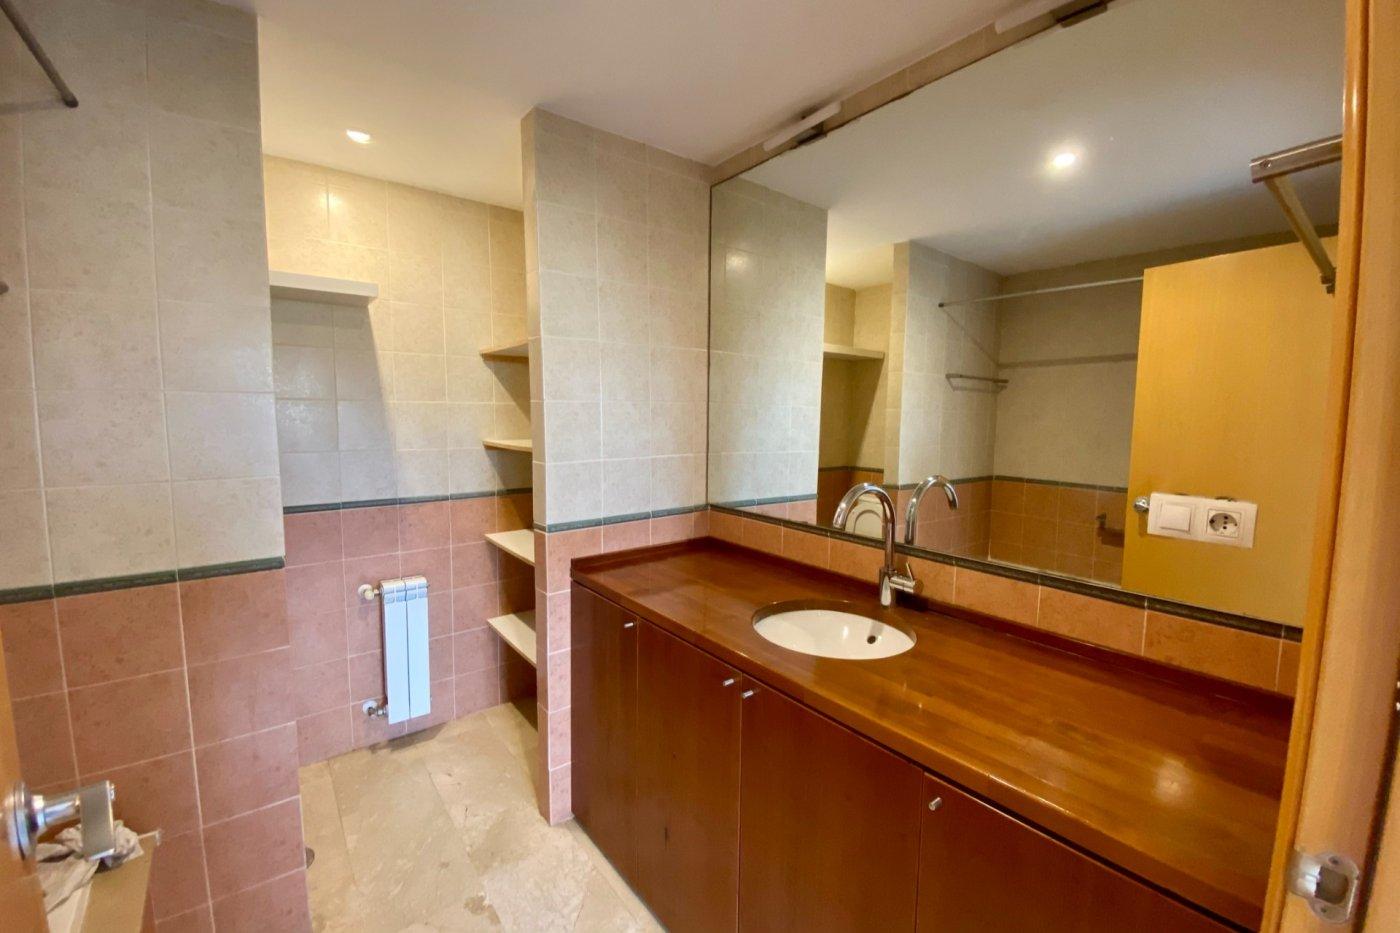 Piso sin muebles de 105 m² de superficie en zona residencial de son cotoner, palma de mall - imagenInmueble14